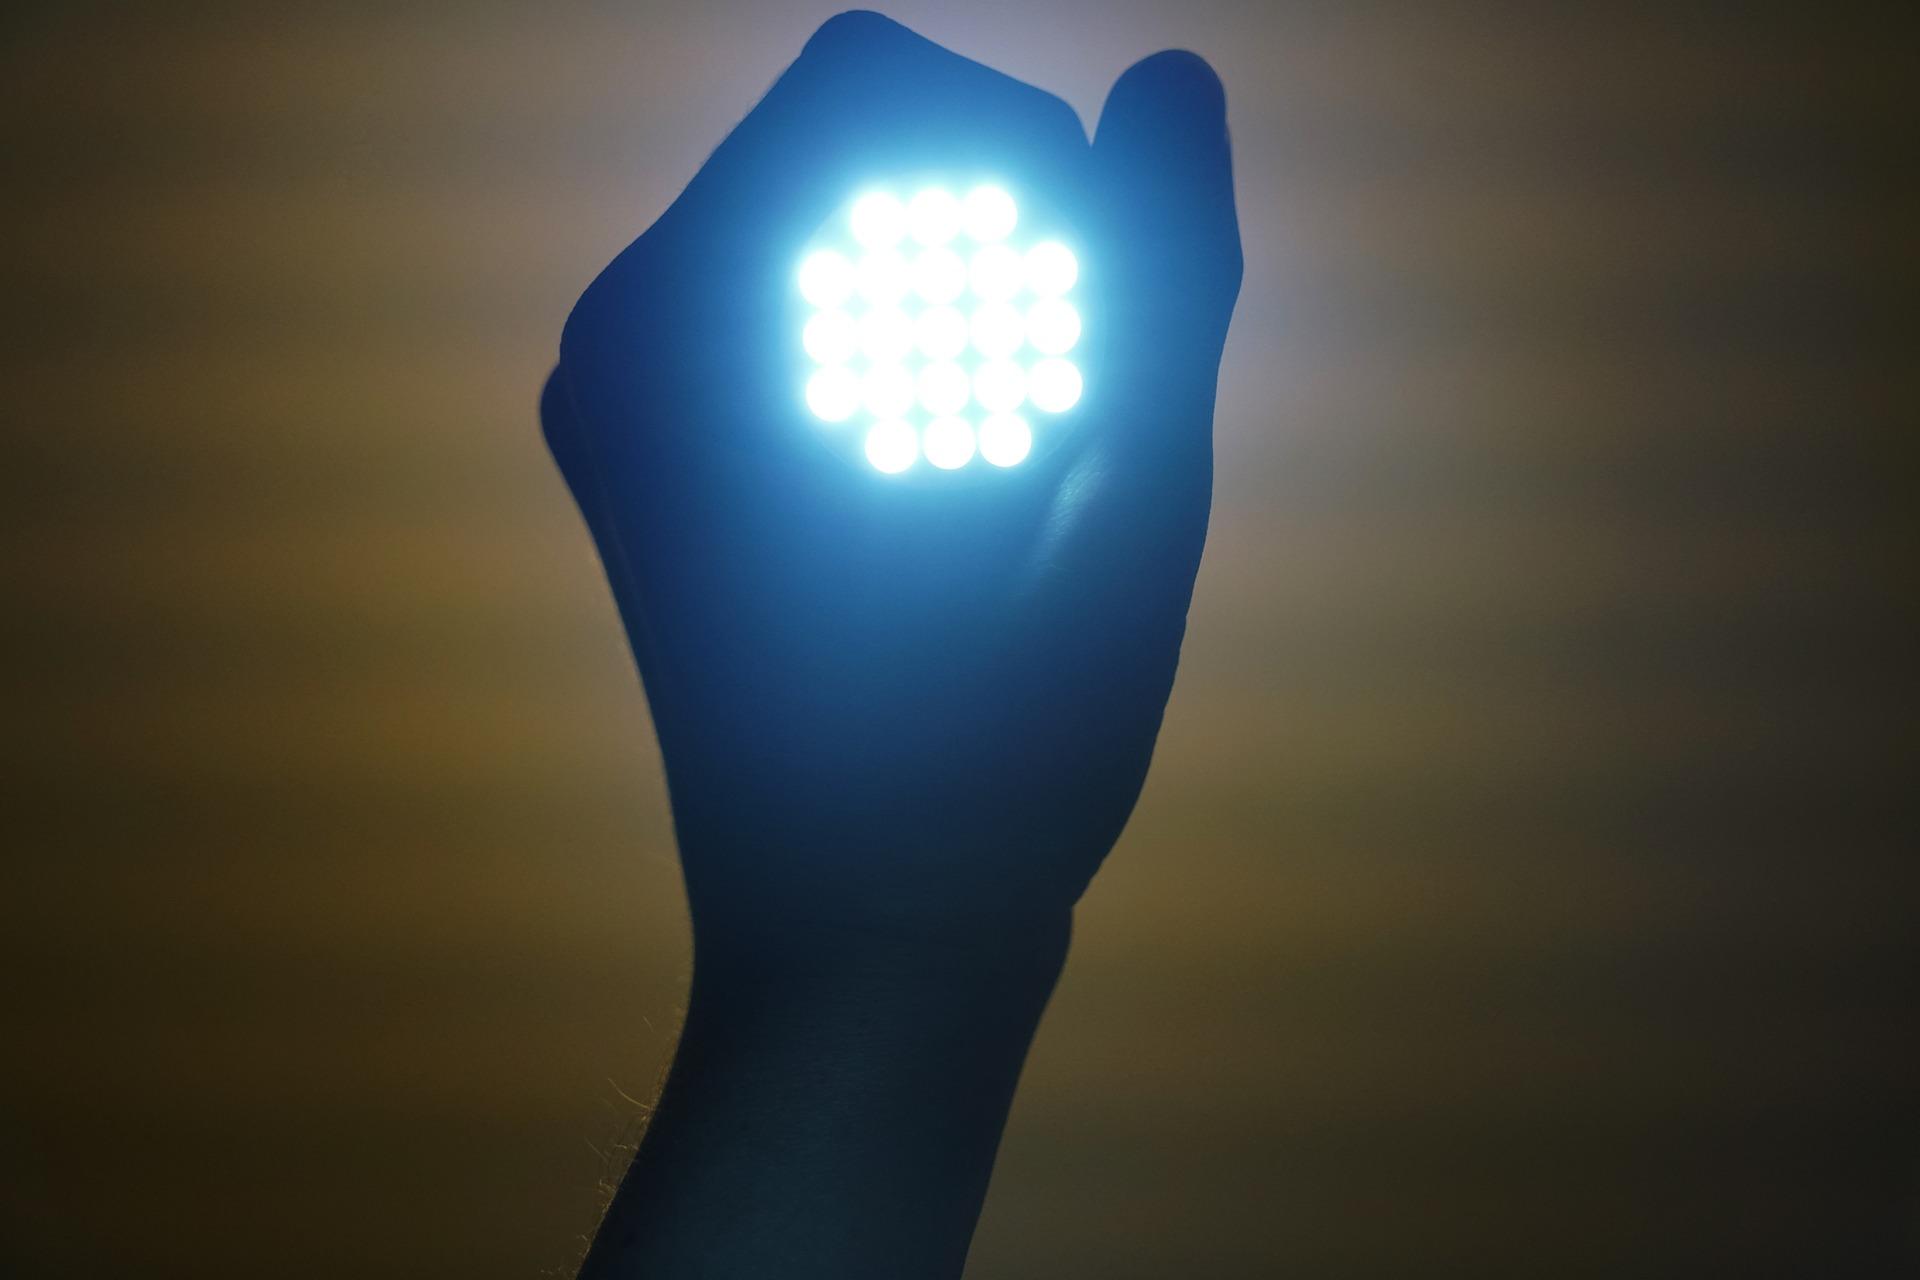 Dłoń trzymająca żarówkę LED od PGE